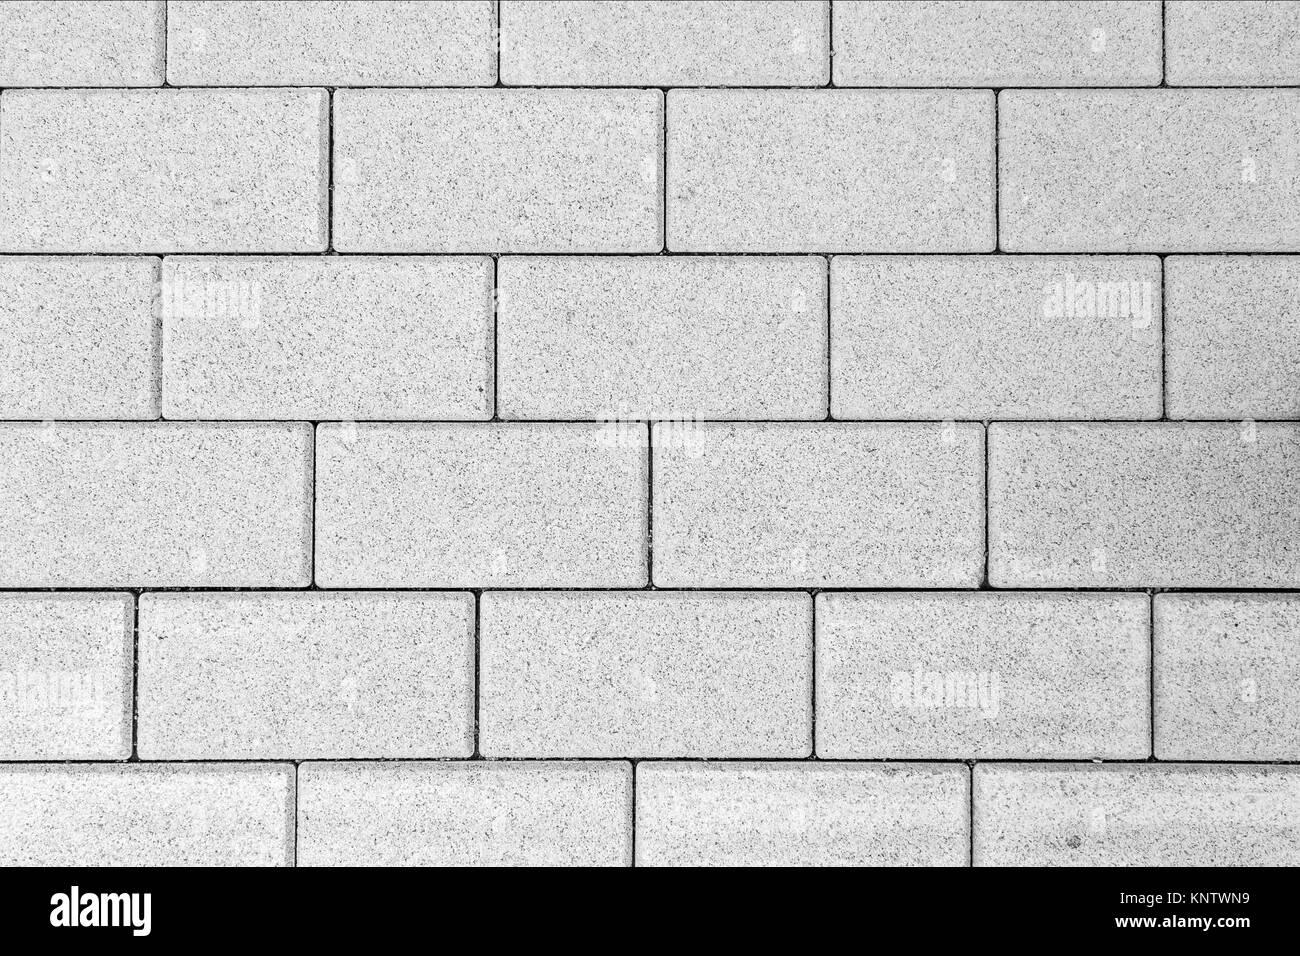 muster der pflastersteine von oben in schwarz und wei gesehen - Pflastersteine Muster Bilder